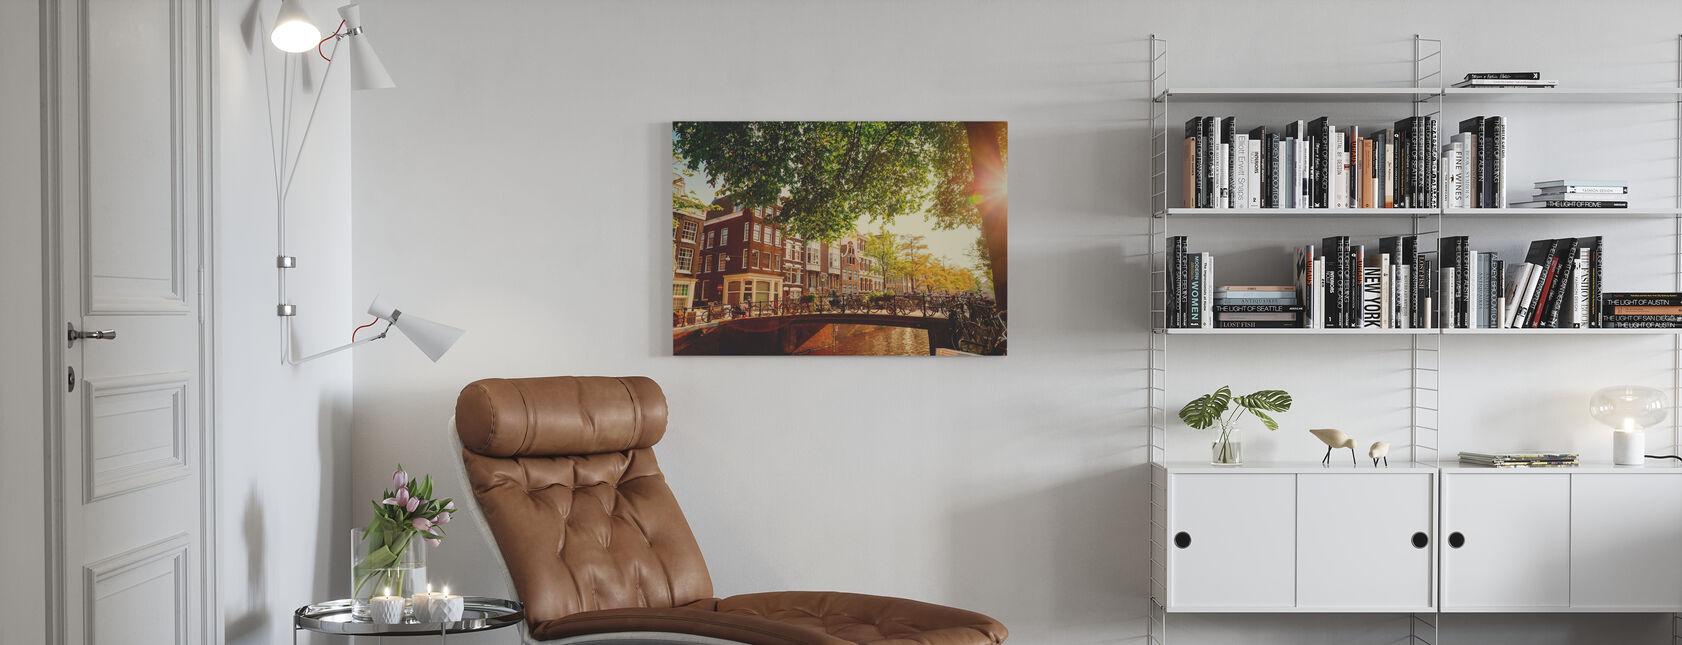 Brug in Amsterdam - Canvas print - Woonkamer